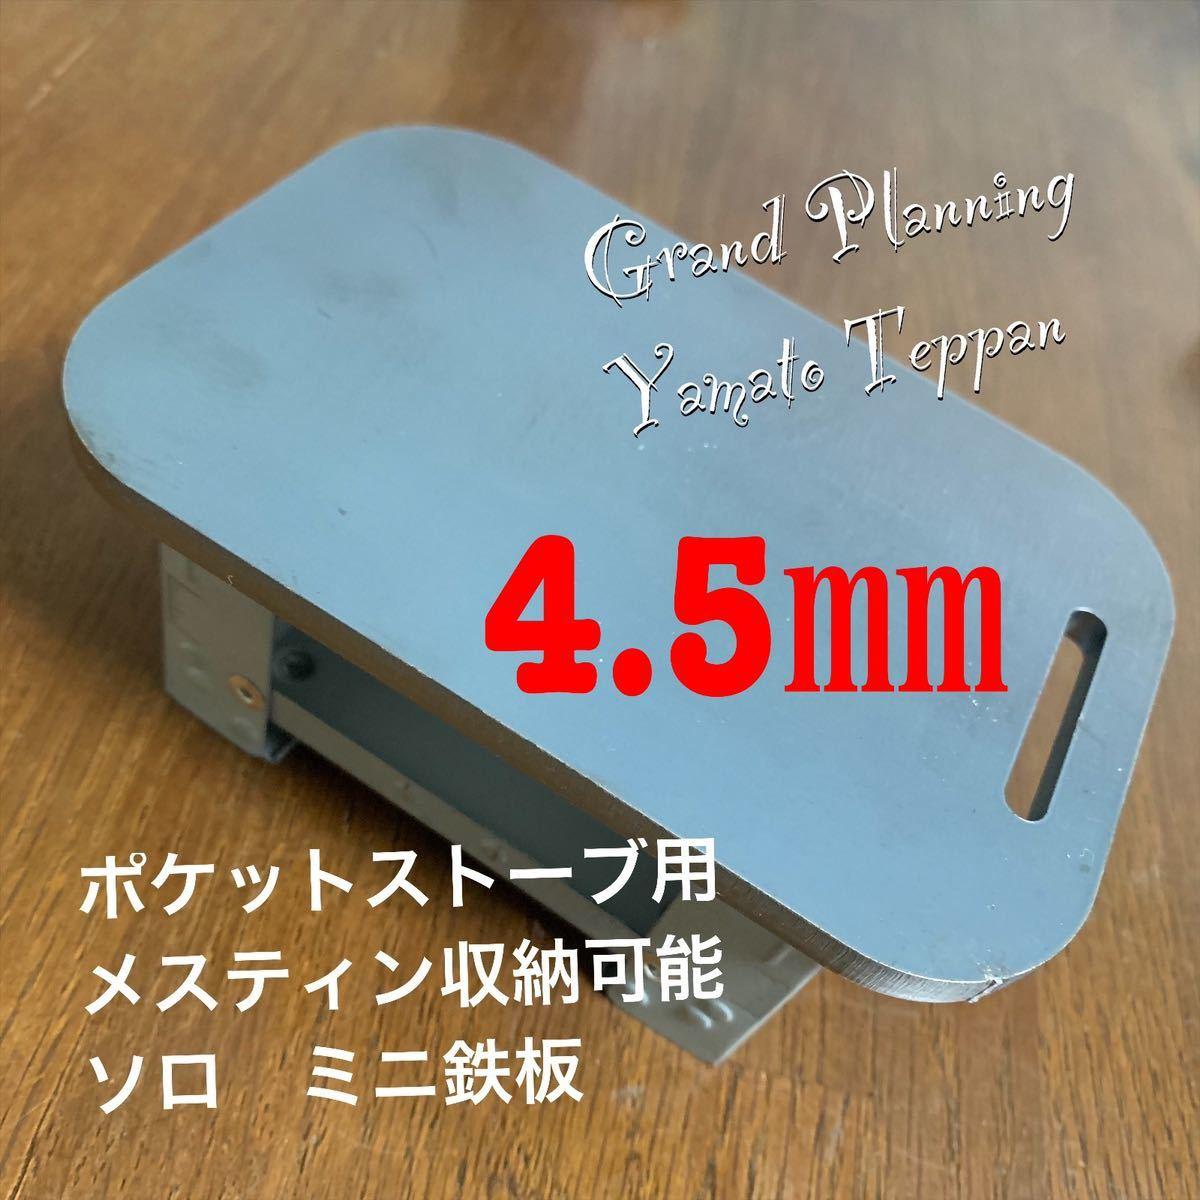 メスティン スモール 収納 ポケットストーブ サイズ 4.5ミリ 鉄板 ヘラ トング マイクロ収納袋 BL ソロキャンプ ミニ 大和鉄板